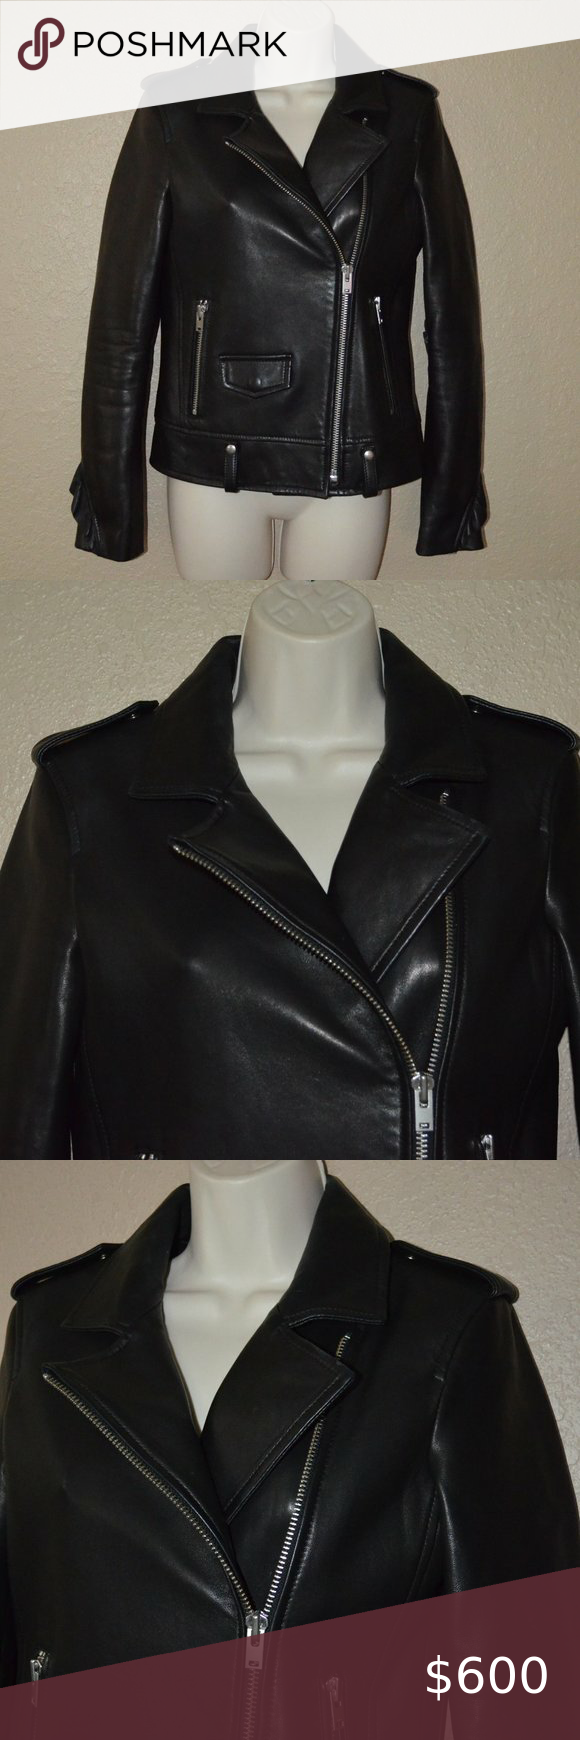 Nwot 1518 Sz 36 2 Iro Black Dumont Leather Jacket Nwot 1518 Sz 36 2 Iro Dumont Black Leather Ruffled Moto Jacket See Picture F In 2020 Leather Jacket Jackets Leather [ 1740 x 580 Pixel ]